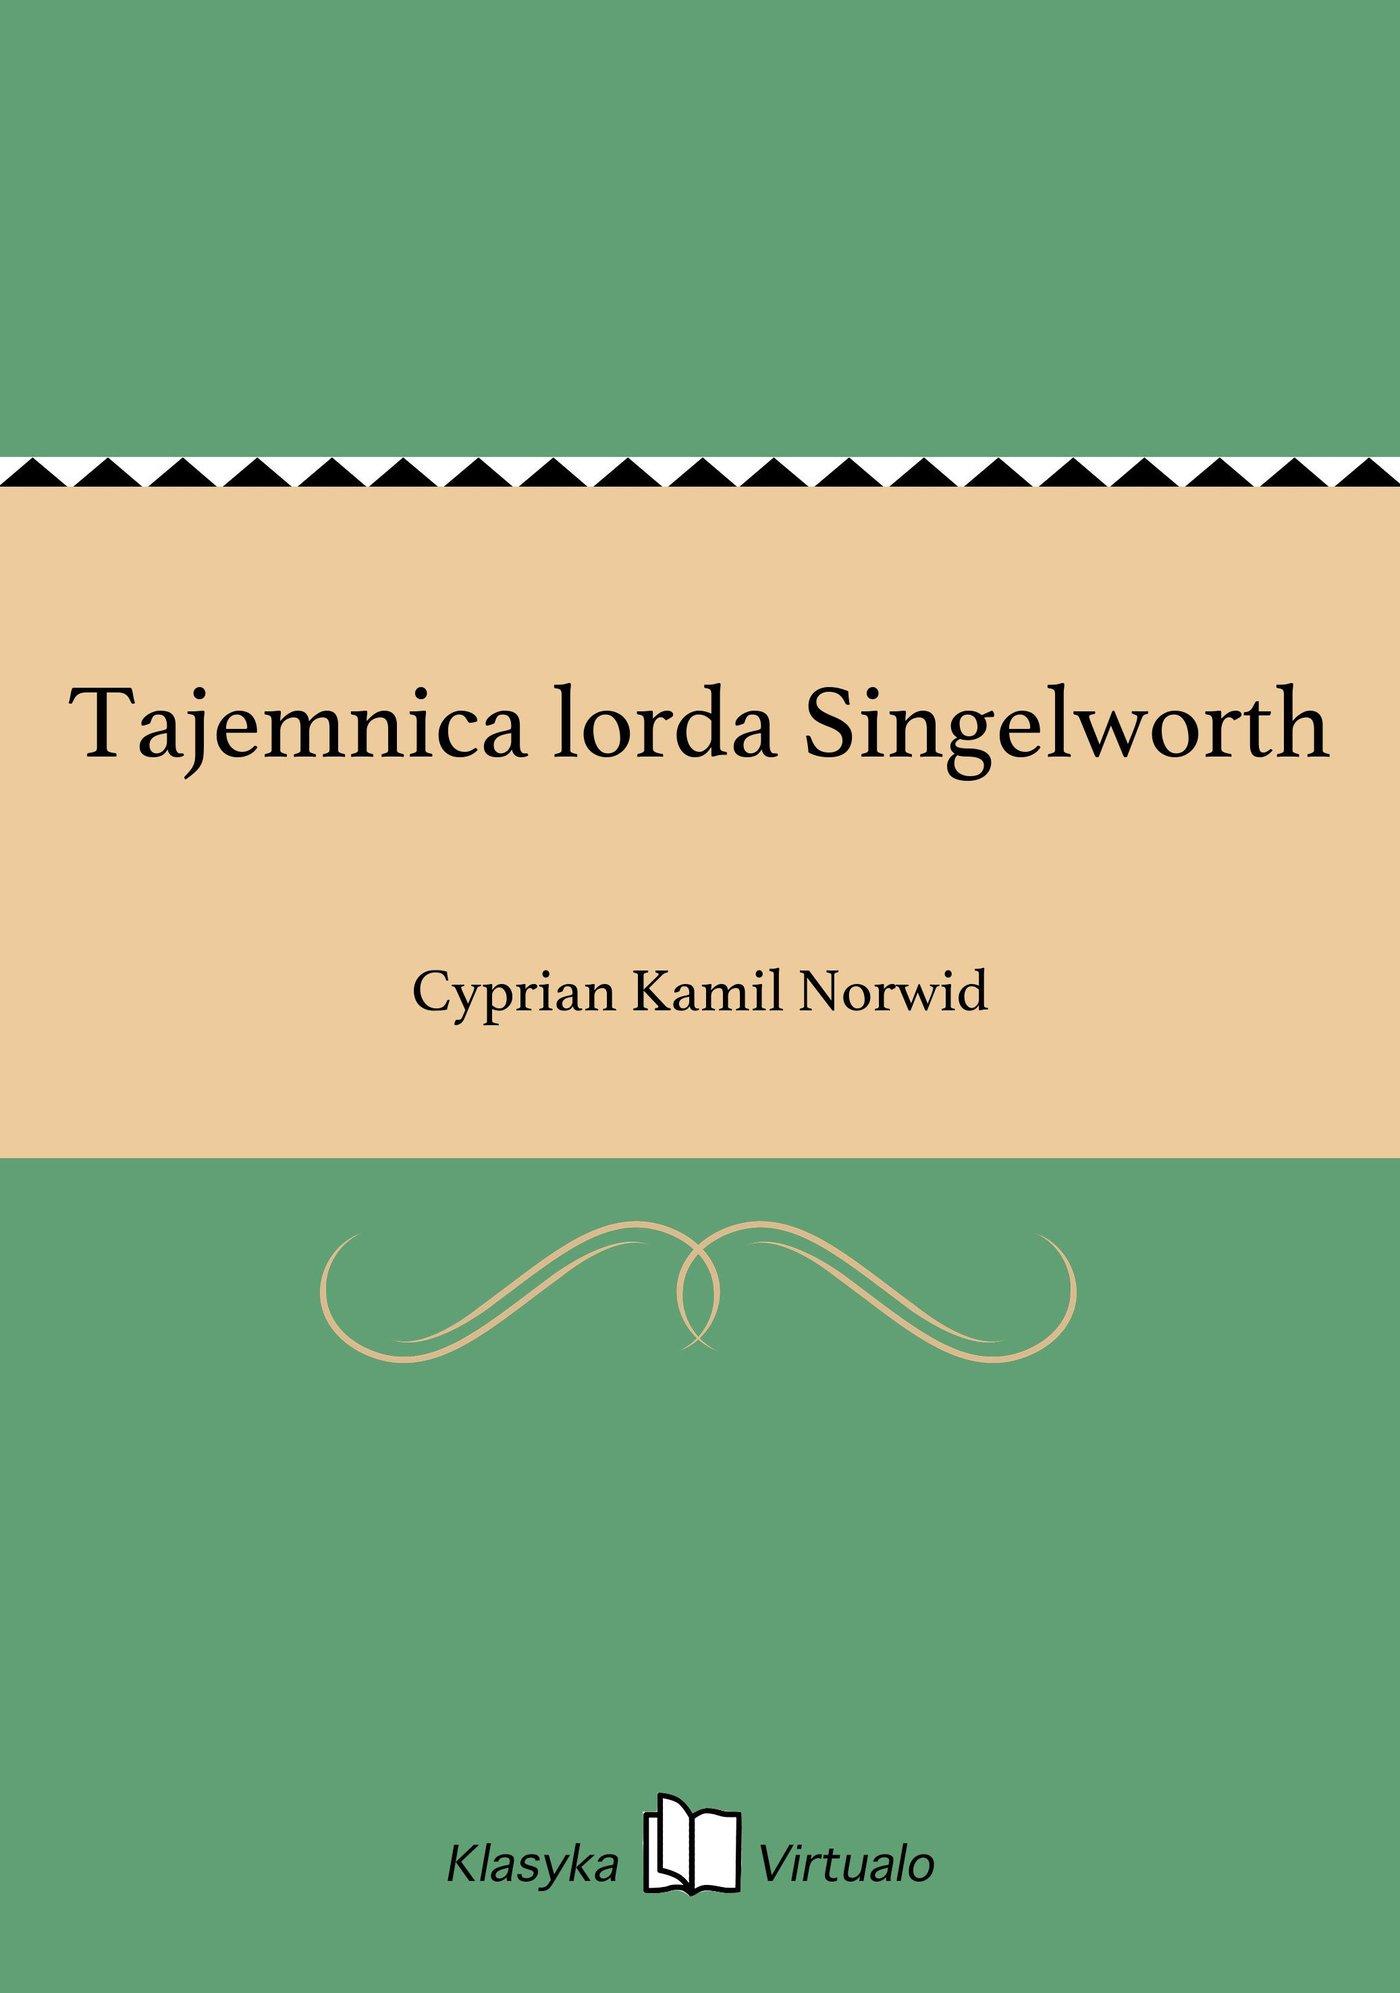 Tajemnica lorda Singelworth - Ebook (Książka EPUB) do pobrania w formacie EPUB